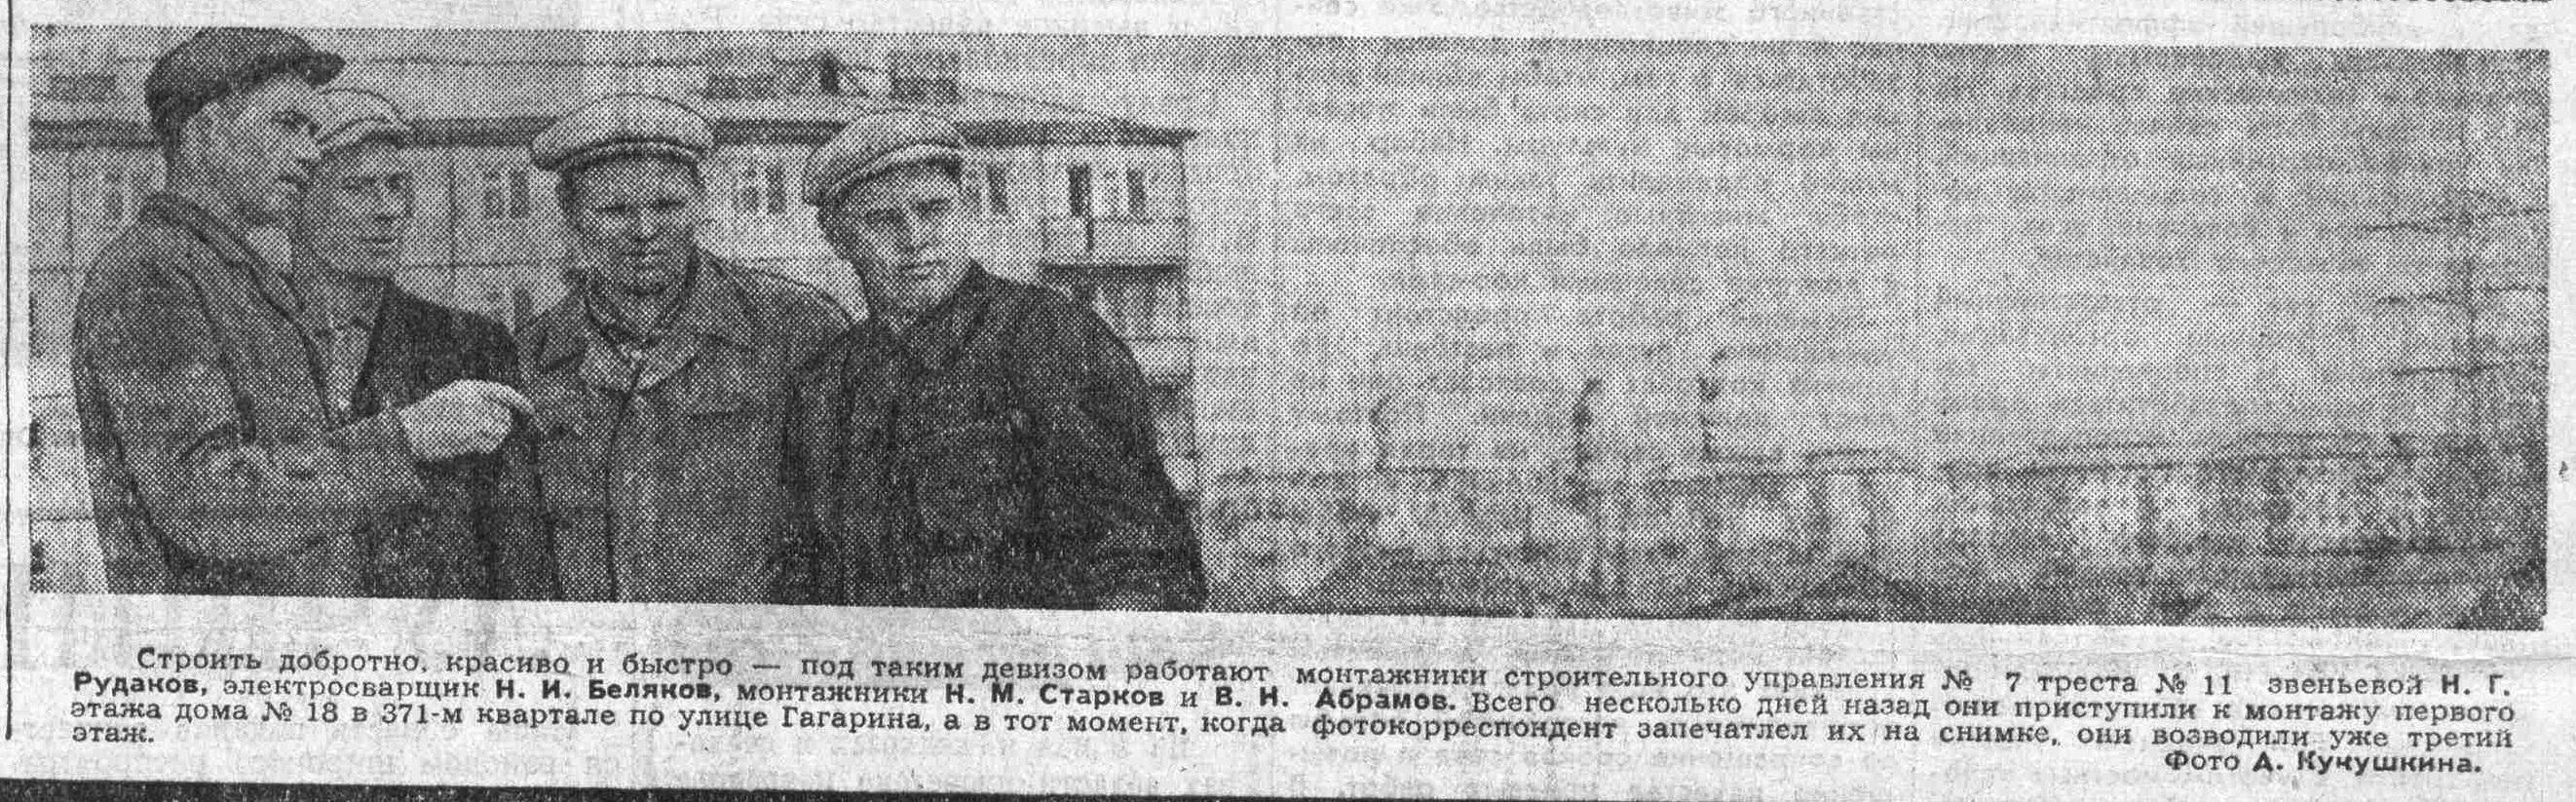 Мяги-ФОТО-11-ВКа-1965-05-06-фото из кв. 371